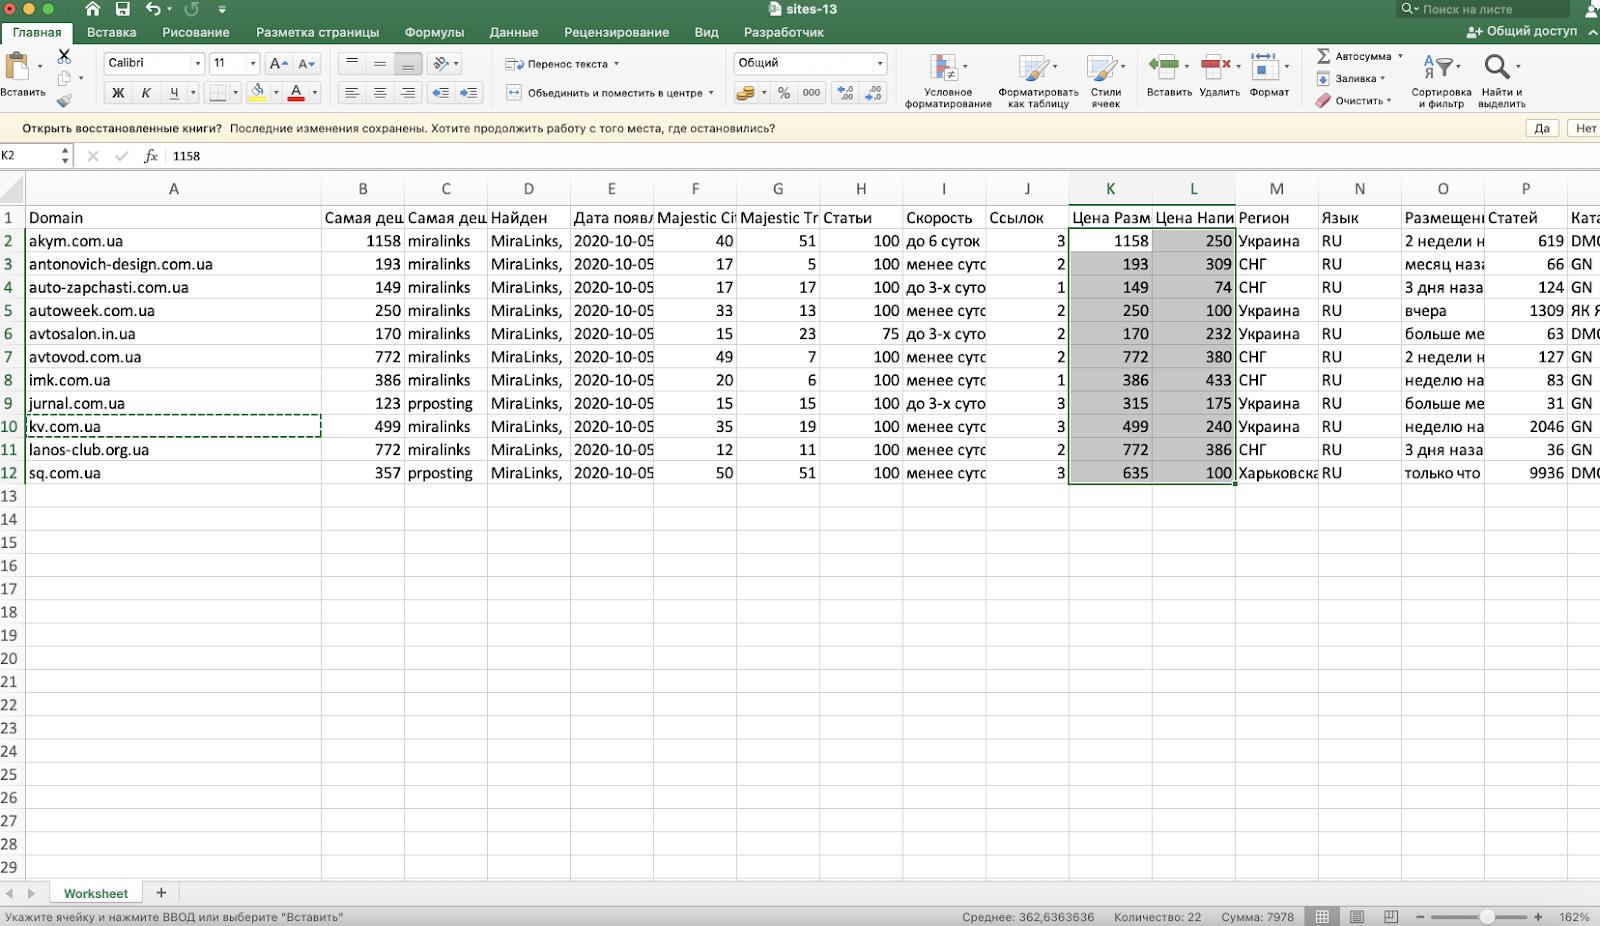 Готовый результат после экспорта в Excel